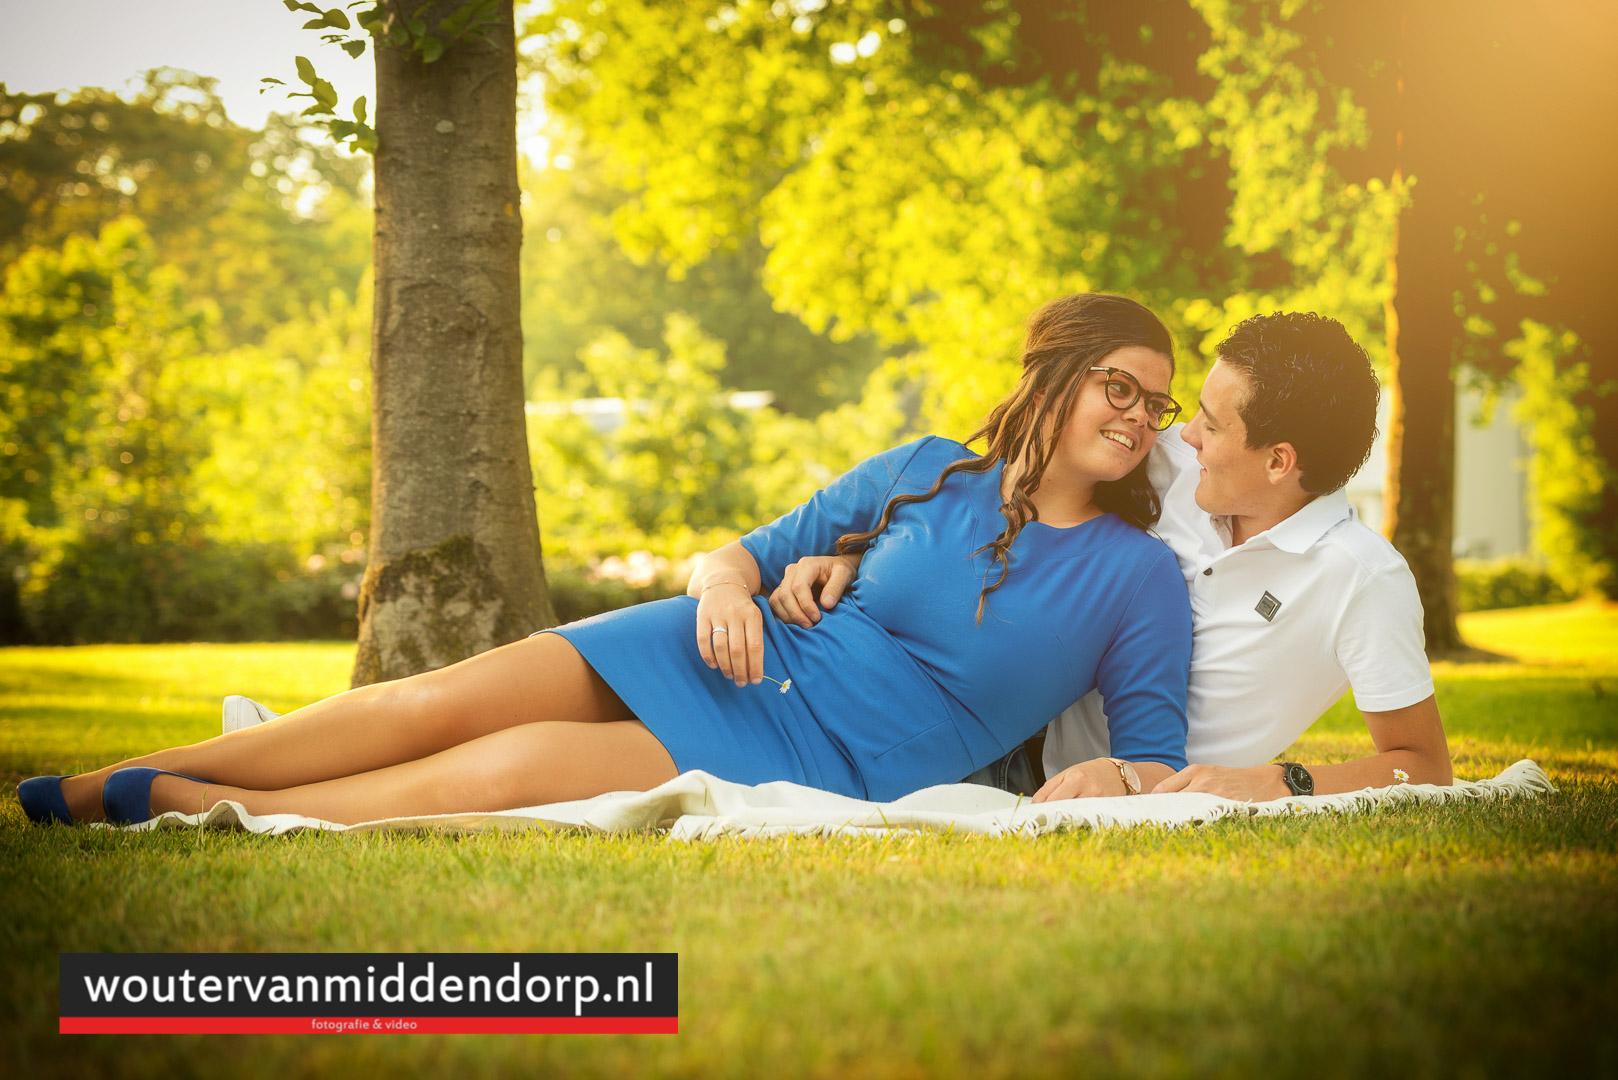 fotografie Wouter van Middendorp Kasteel Staverden-7